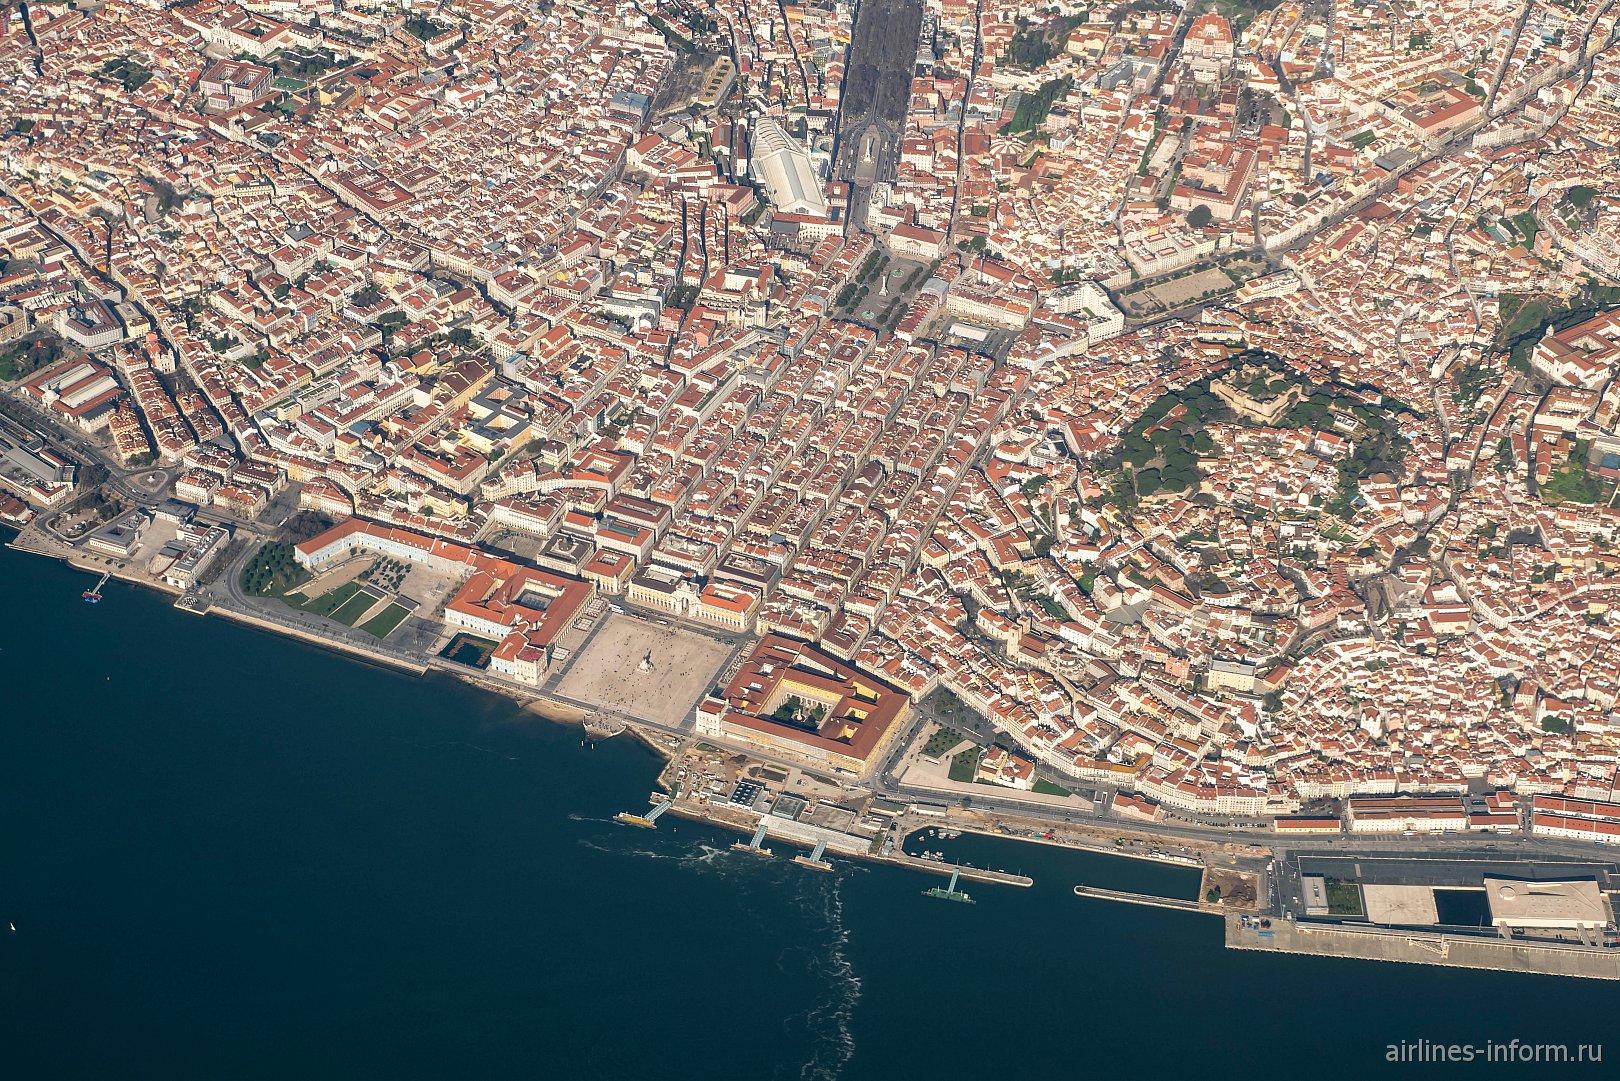 Вид на исторический центр города Лиссабон